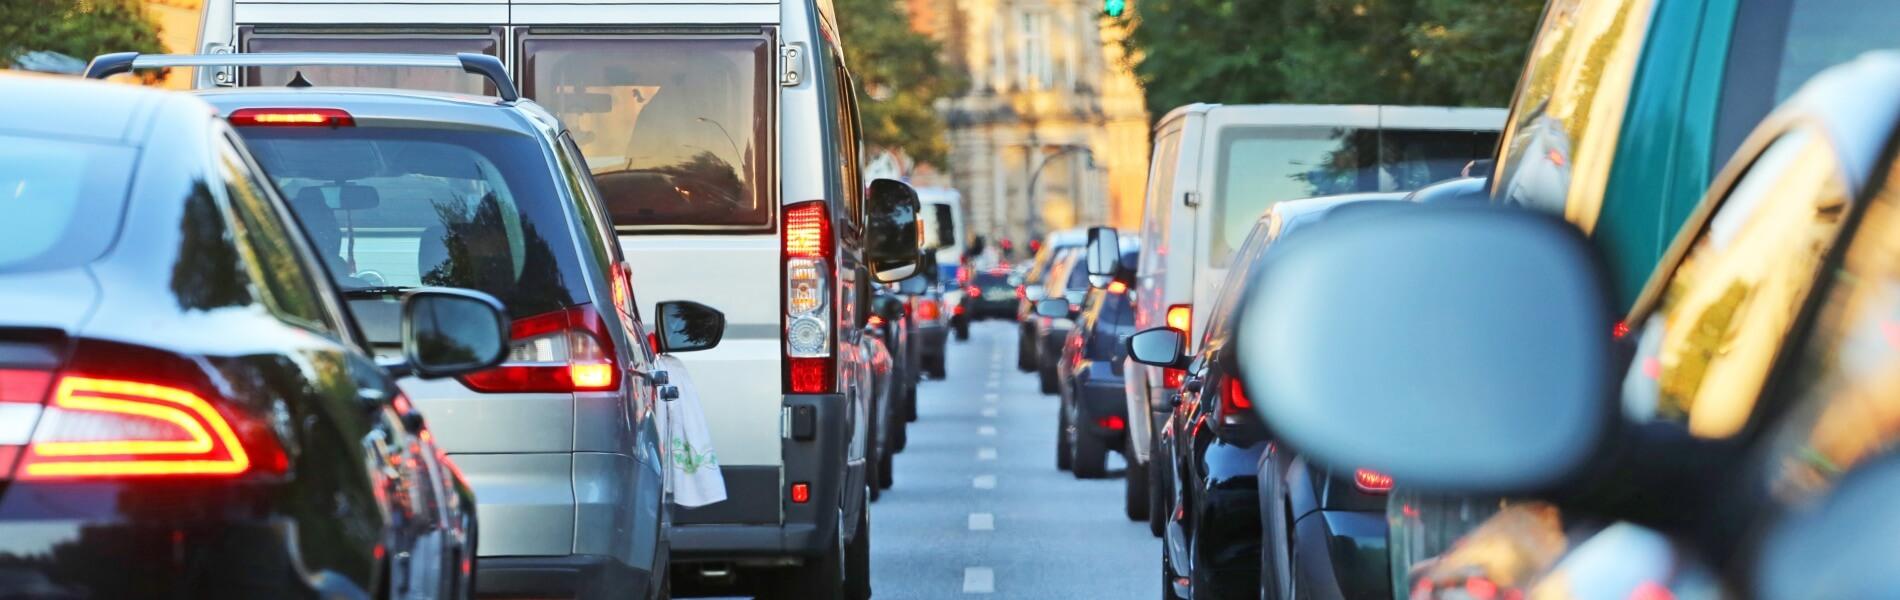 Unsere Städte auf dem Weg zur multimodalen Mobilität – wer geht voran?